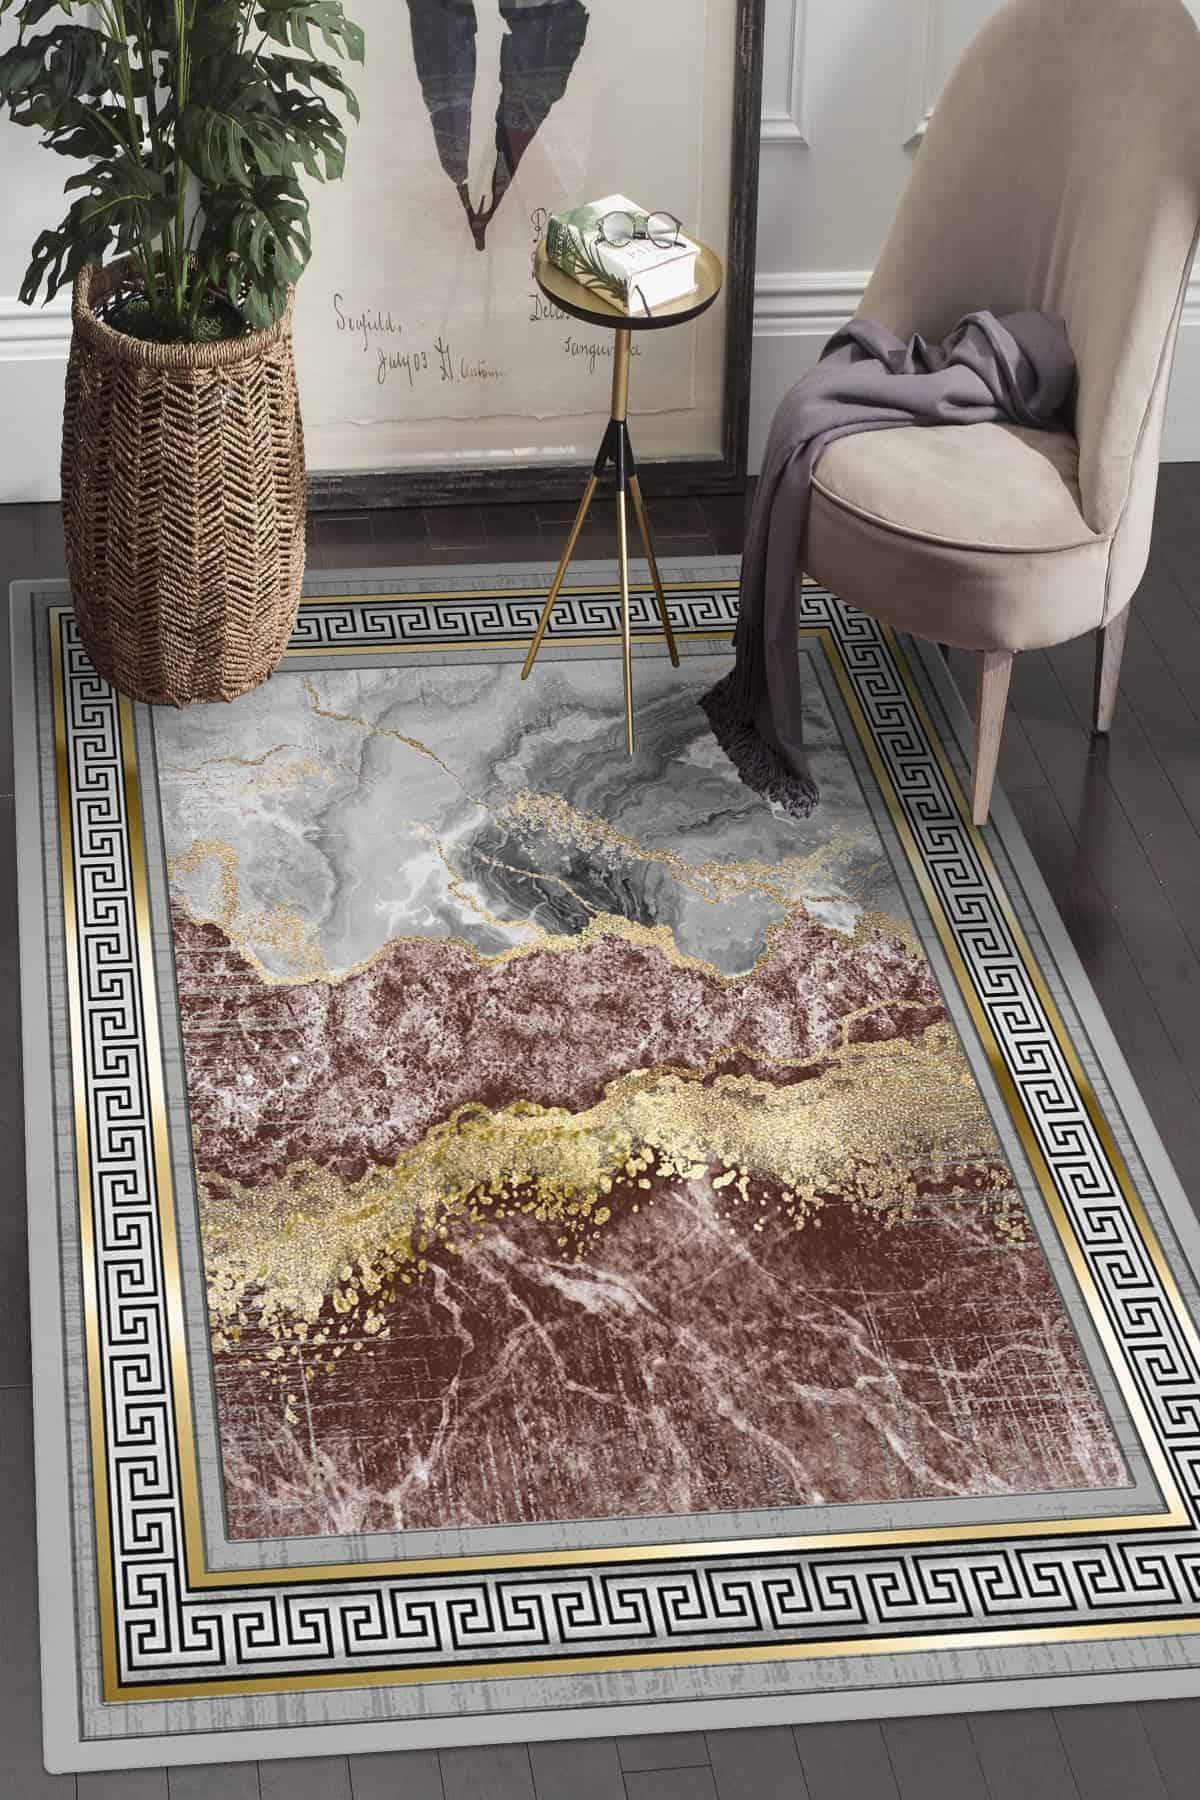 سجادة سجادة غرفة المعيشة التركية صنعة الرمادي والذهب دائم لينة سميكة المنسوجات المنزلية عدم الانزلاق الوحيد منطقة السجاد